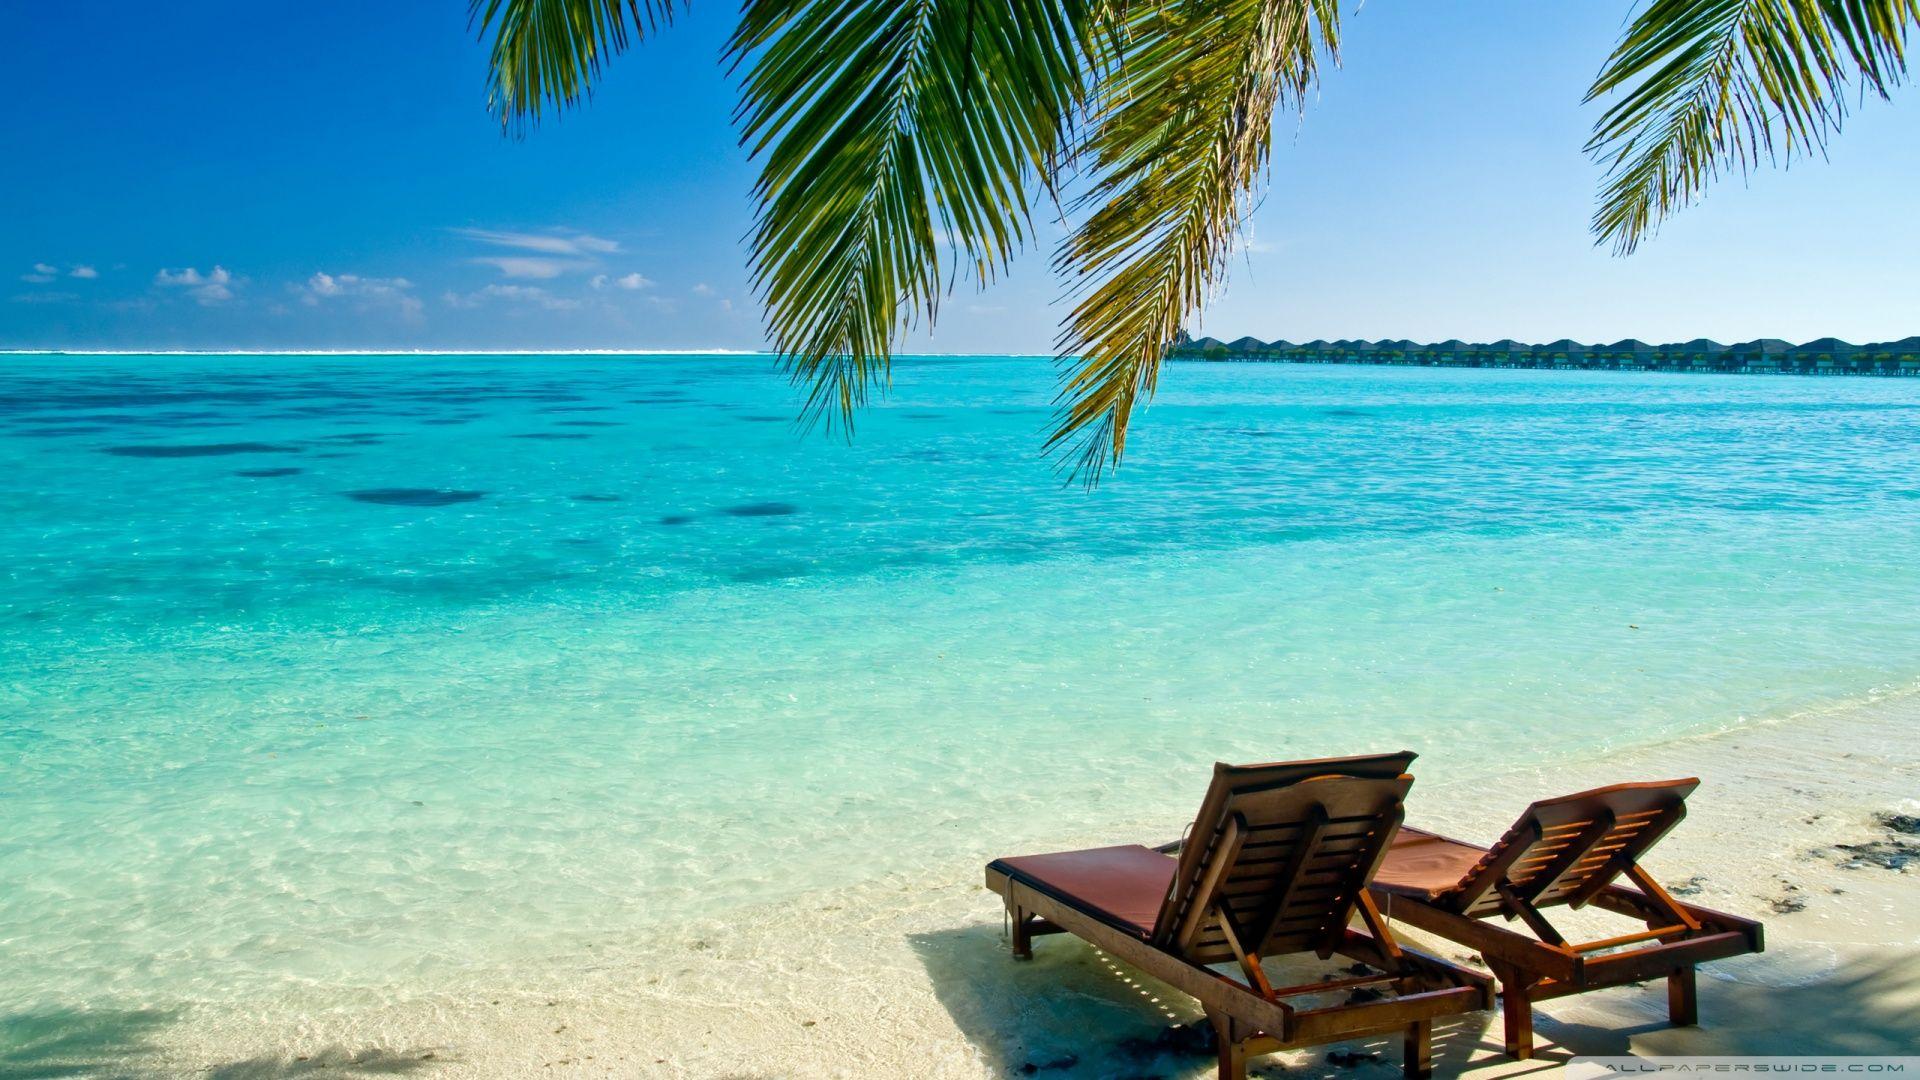 beach relaxing wallpaper download relaxing beach wallpaper 316345